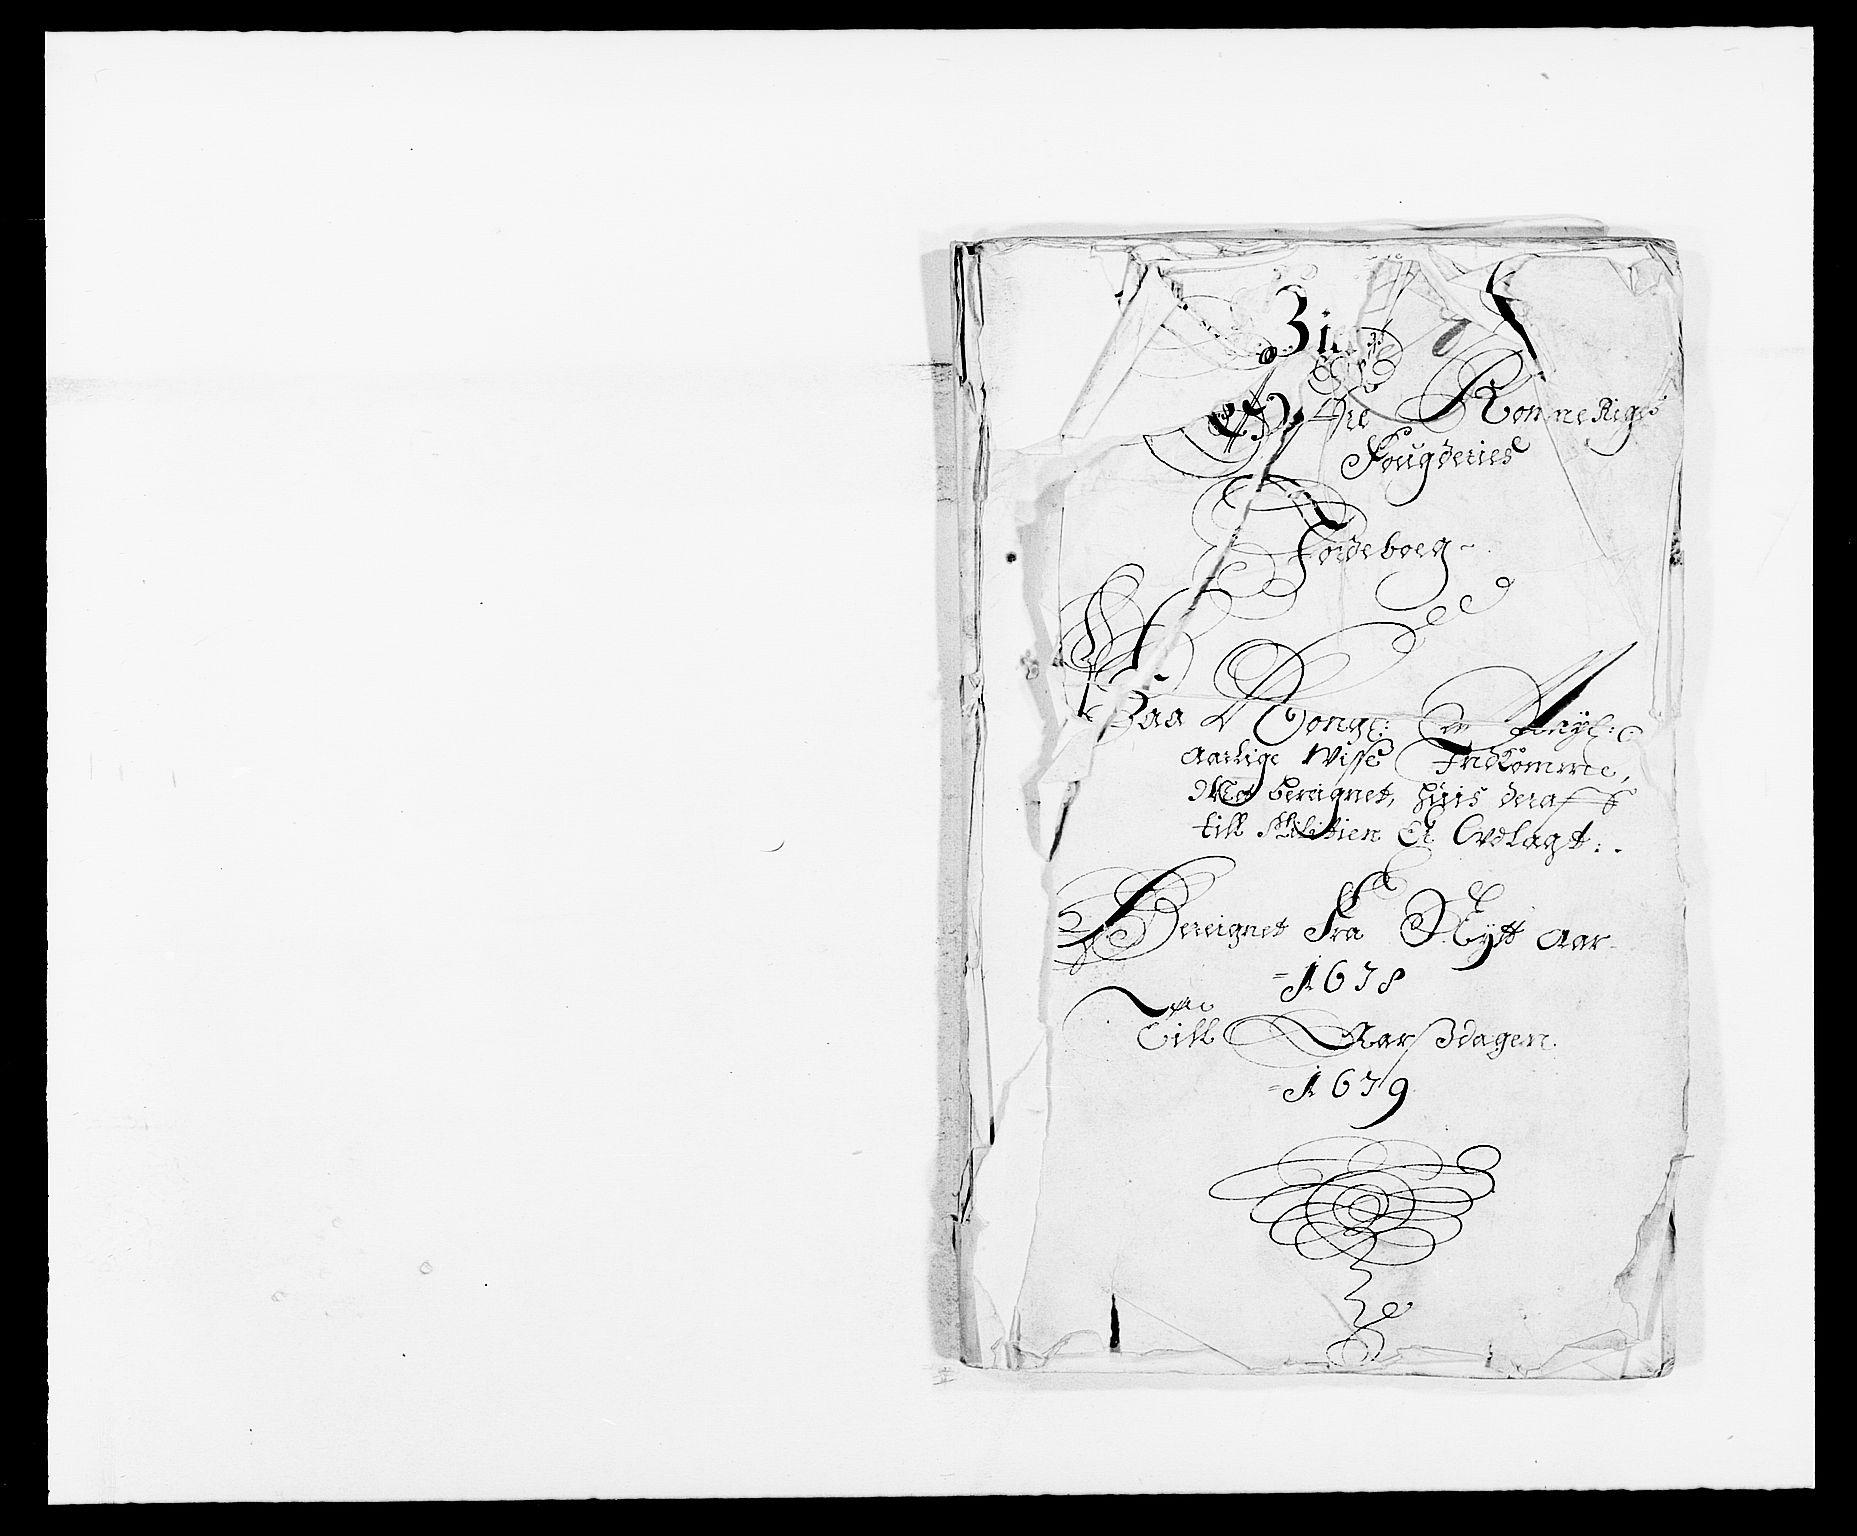 RA, Rentekammeret inntil 1814, Reviderte regnskaper, Fogderegnskap, R12/L0693: Fogderegnskap Øvre Romerike, 1678-1679, s. 22